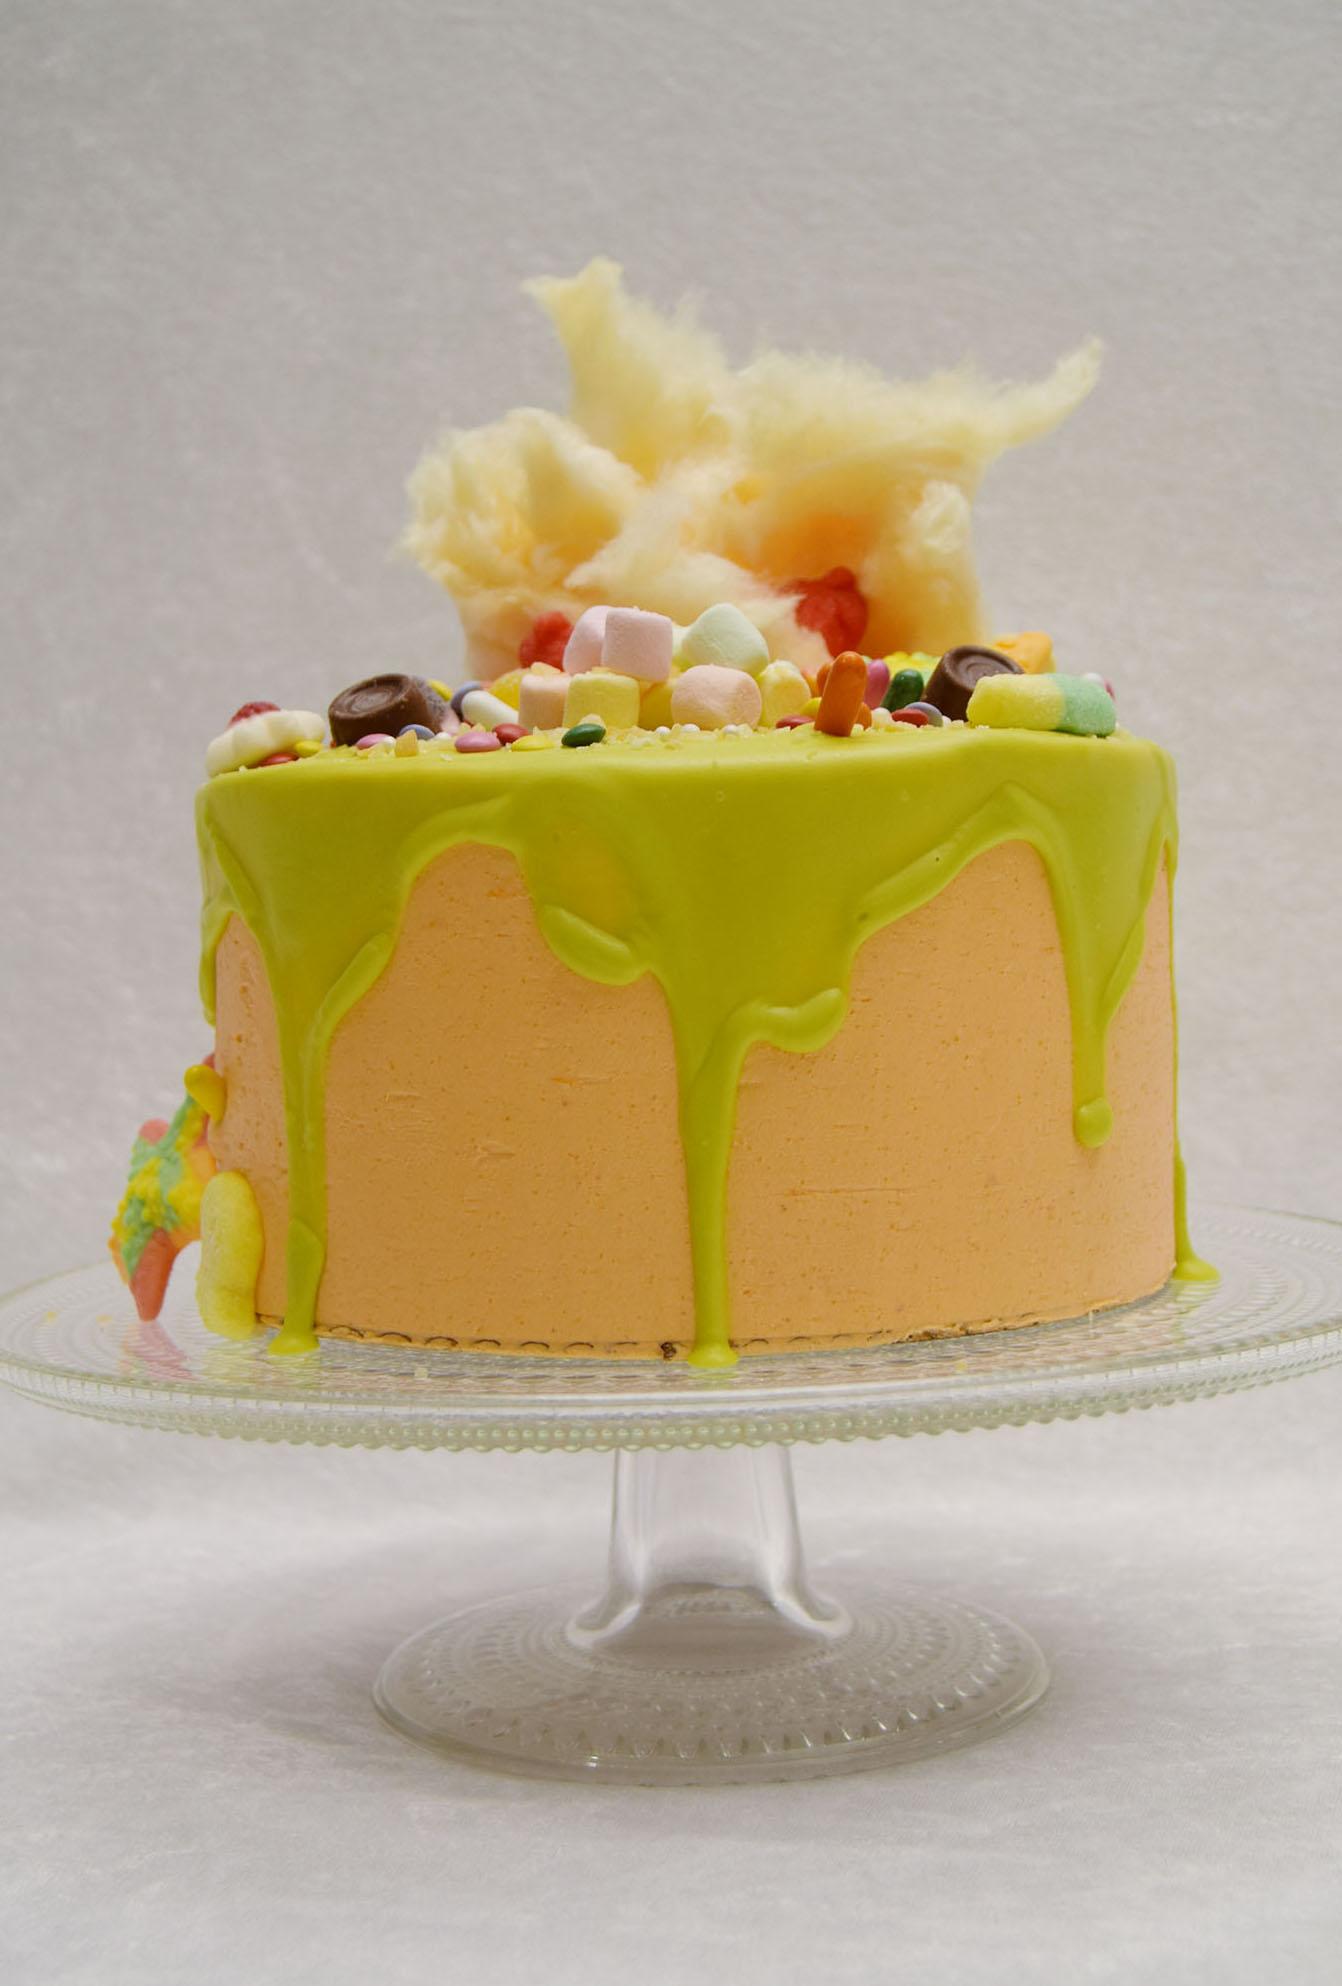 Candyland Vanilla Cake With Milka Chocolate Amp Orange